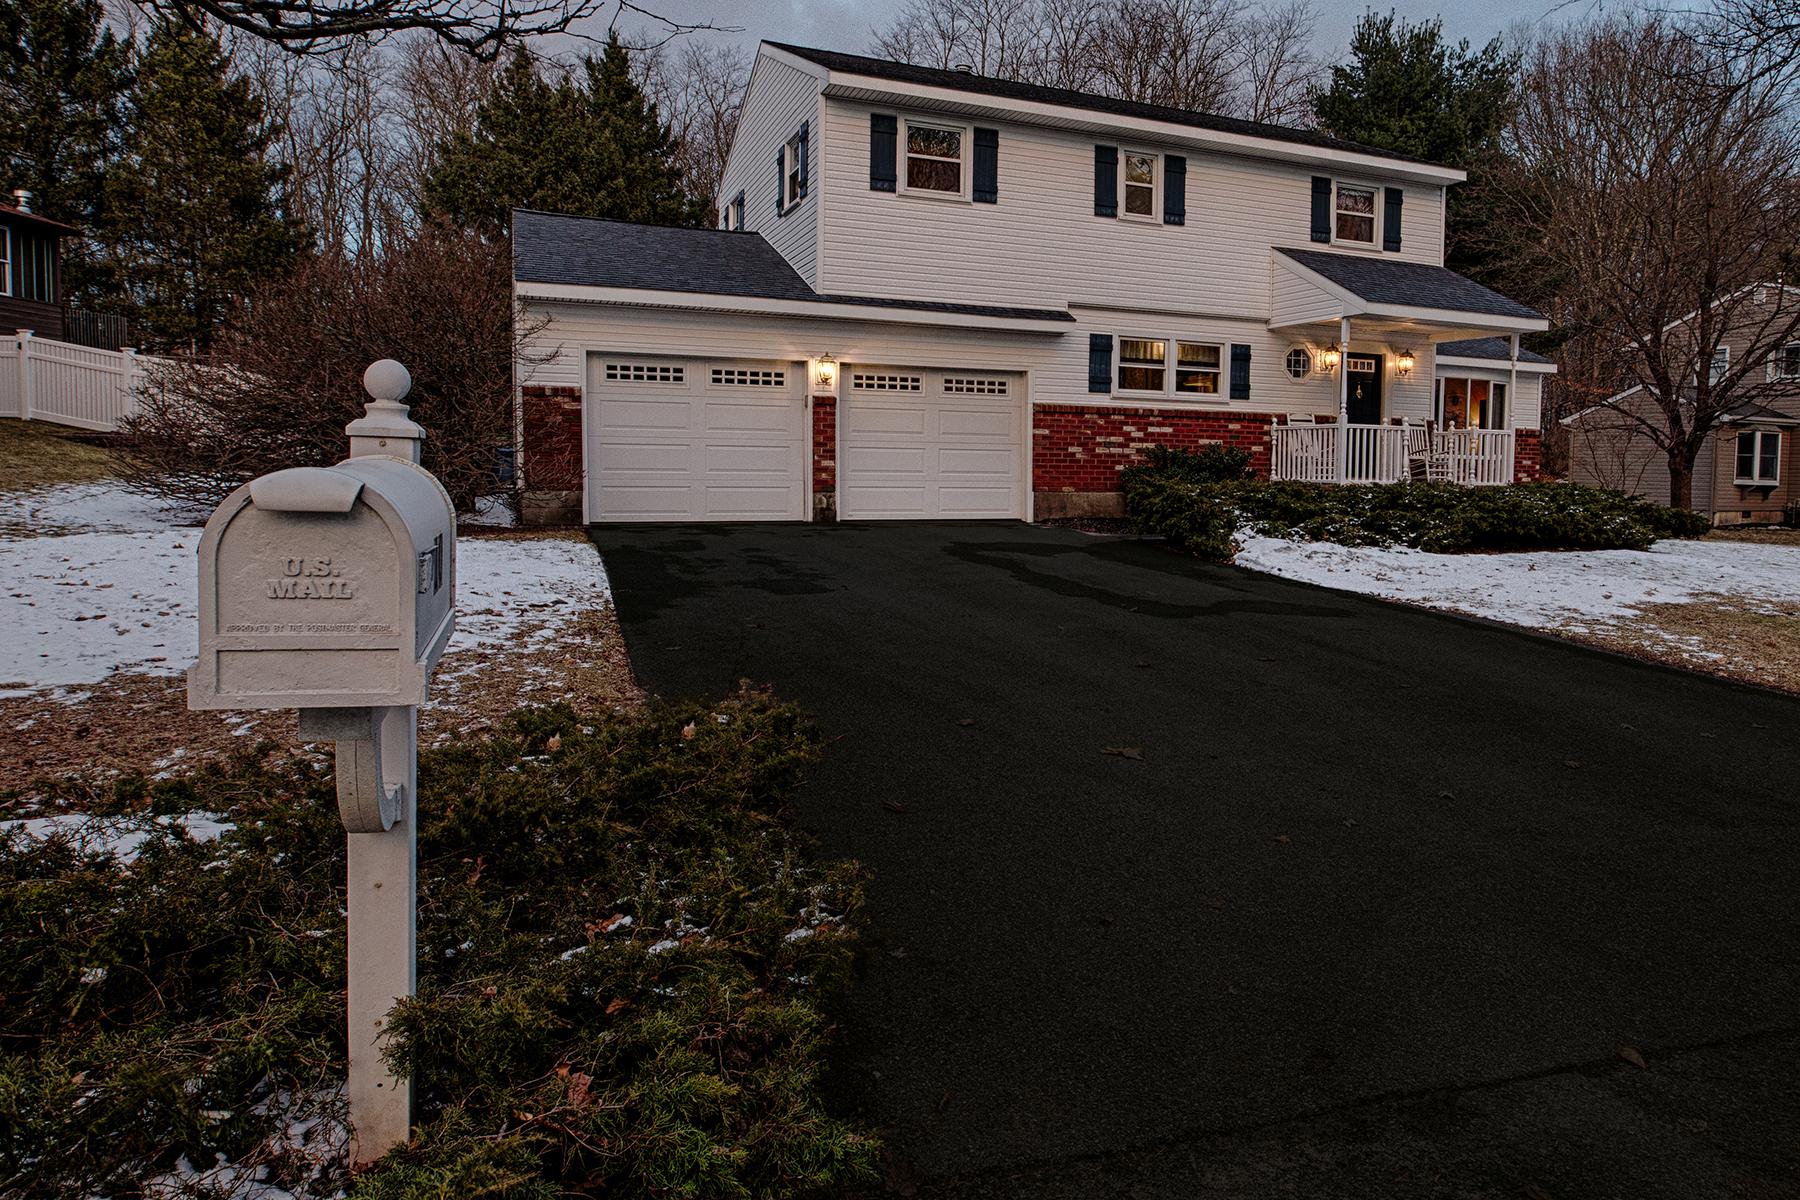 001 EAP Maria Barr 10 Lexington Rd Saratoga Springs crest 26.jpg